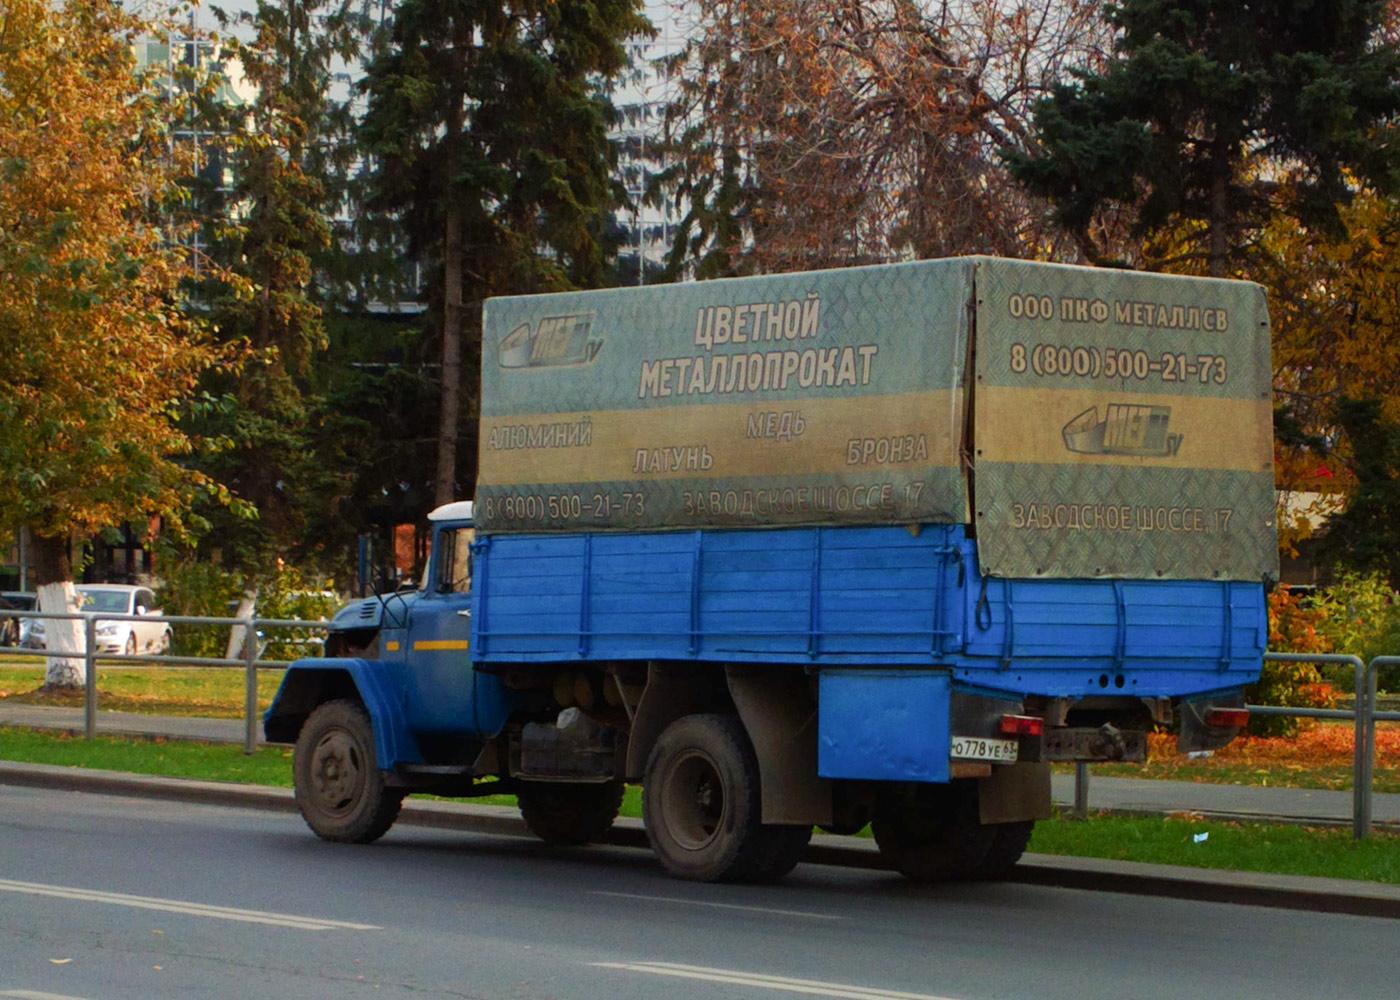 Бортовой грузовой автомобиль ЗиЛ-130 #О778УЕ63. г. Самара, Московское шоссе